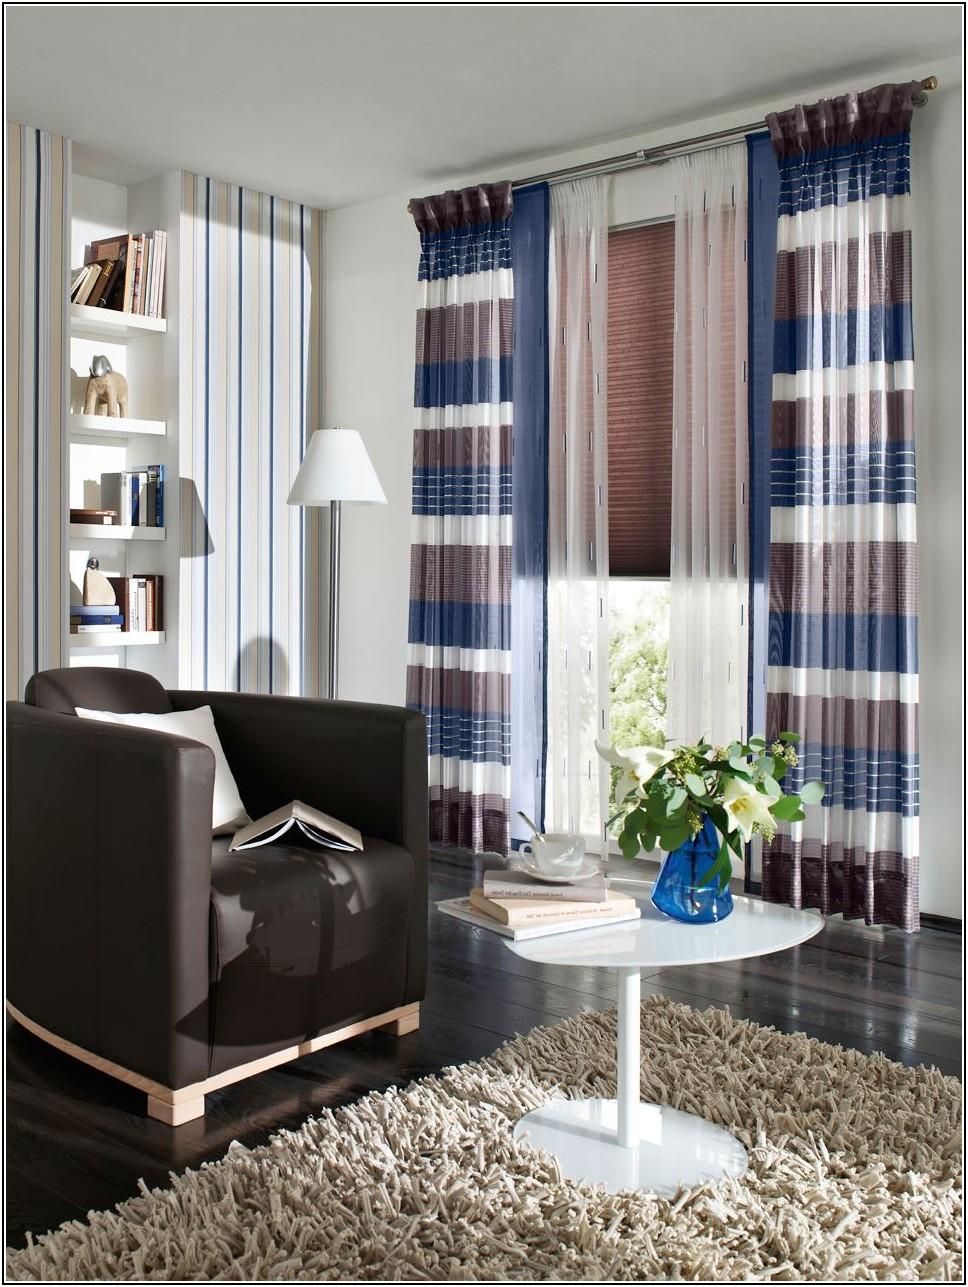 Gardinen Dekorationsvorschläge Wohnzimmer Erker